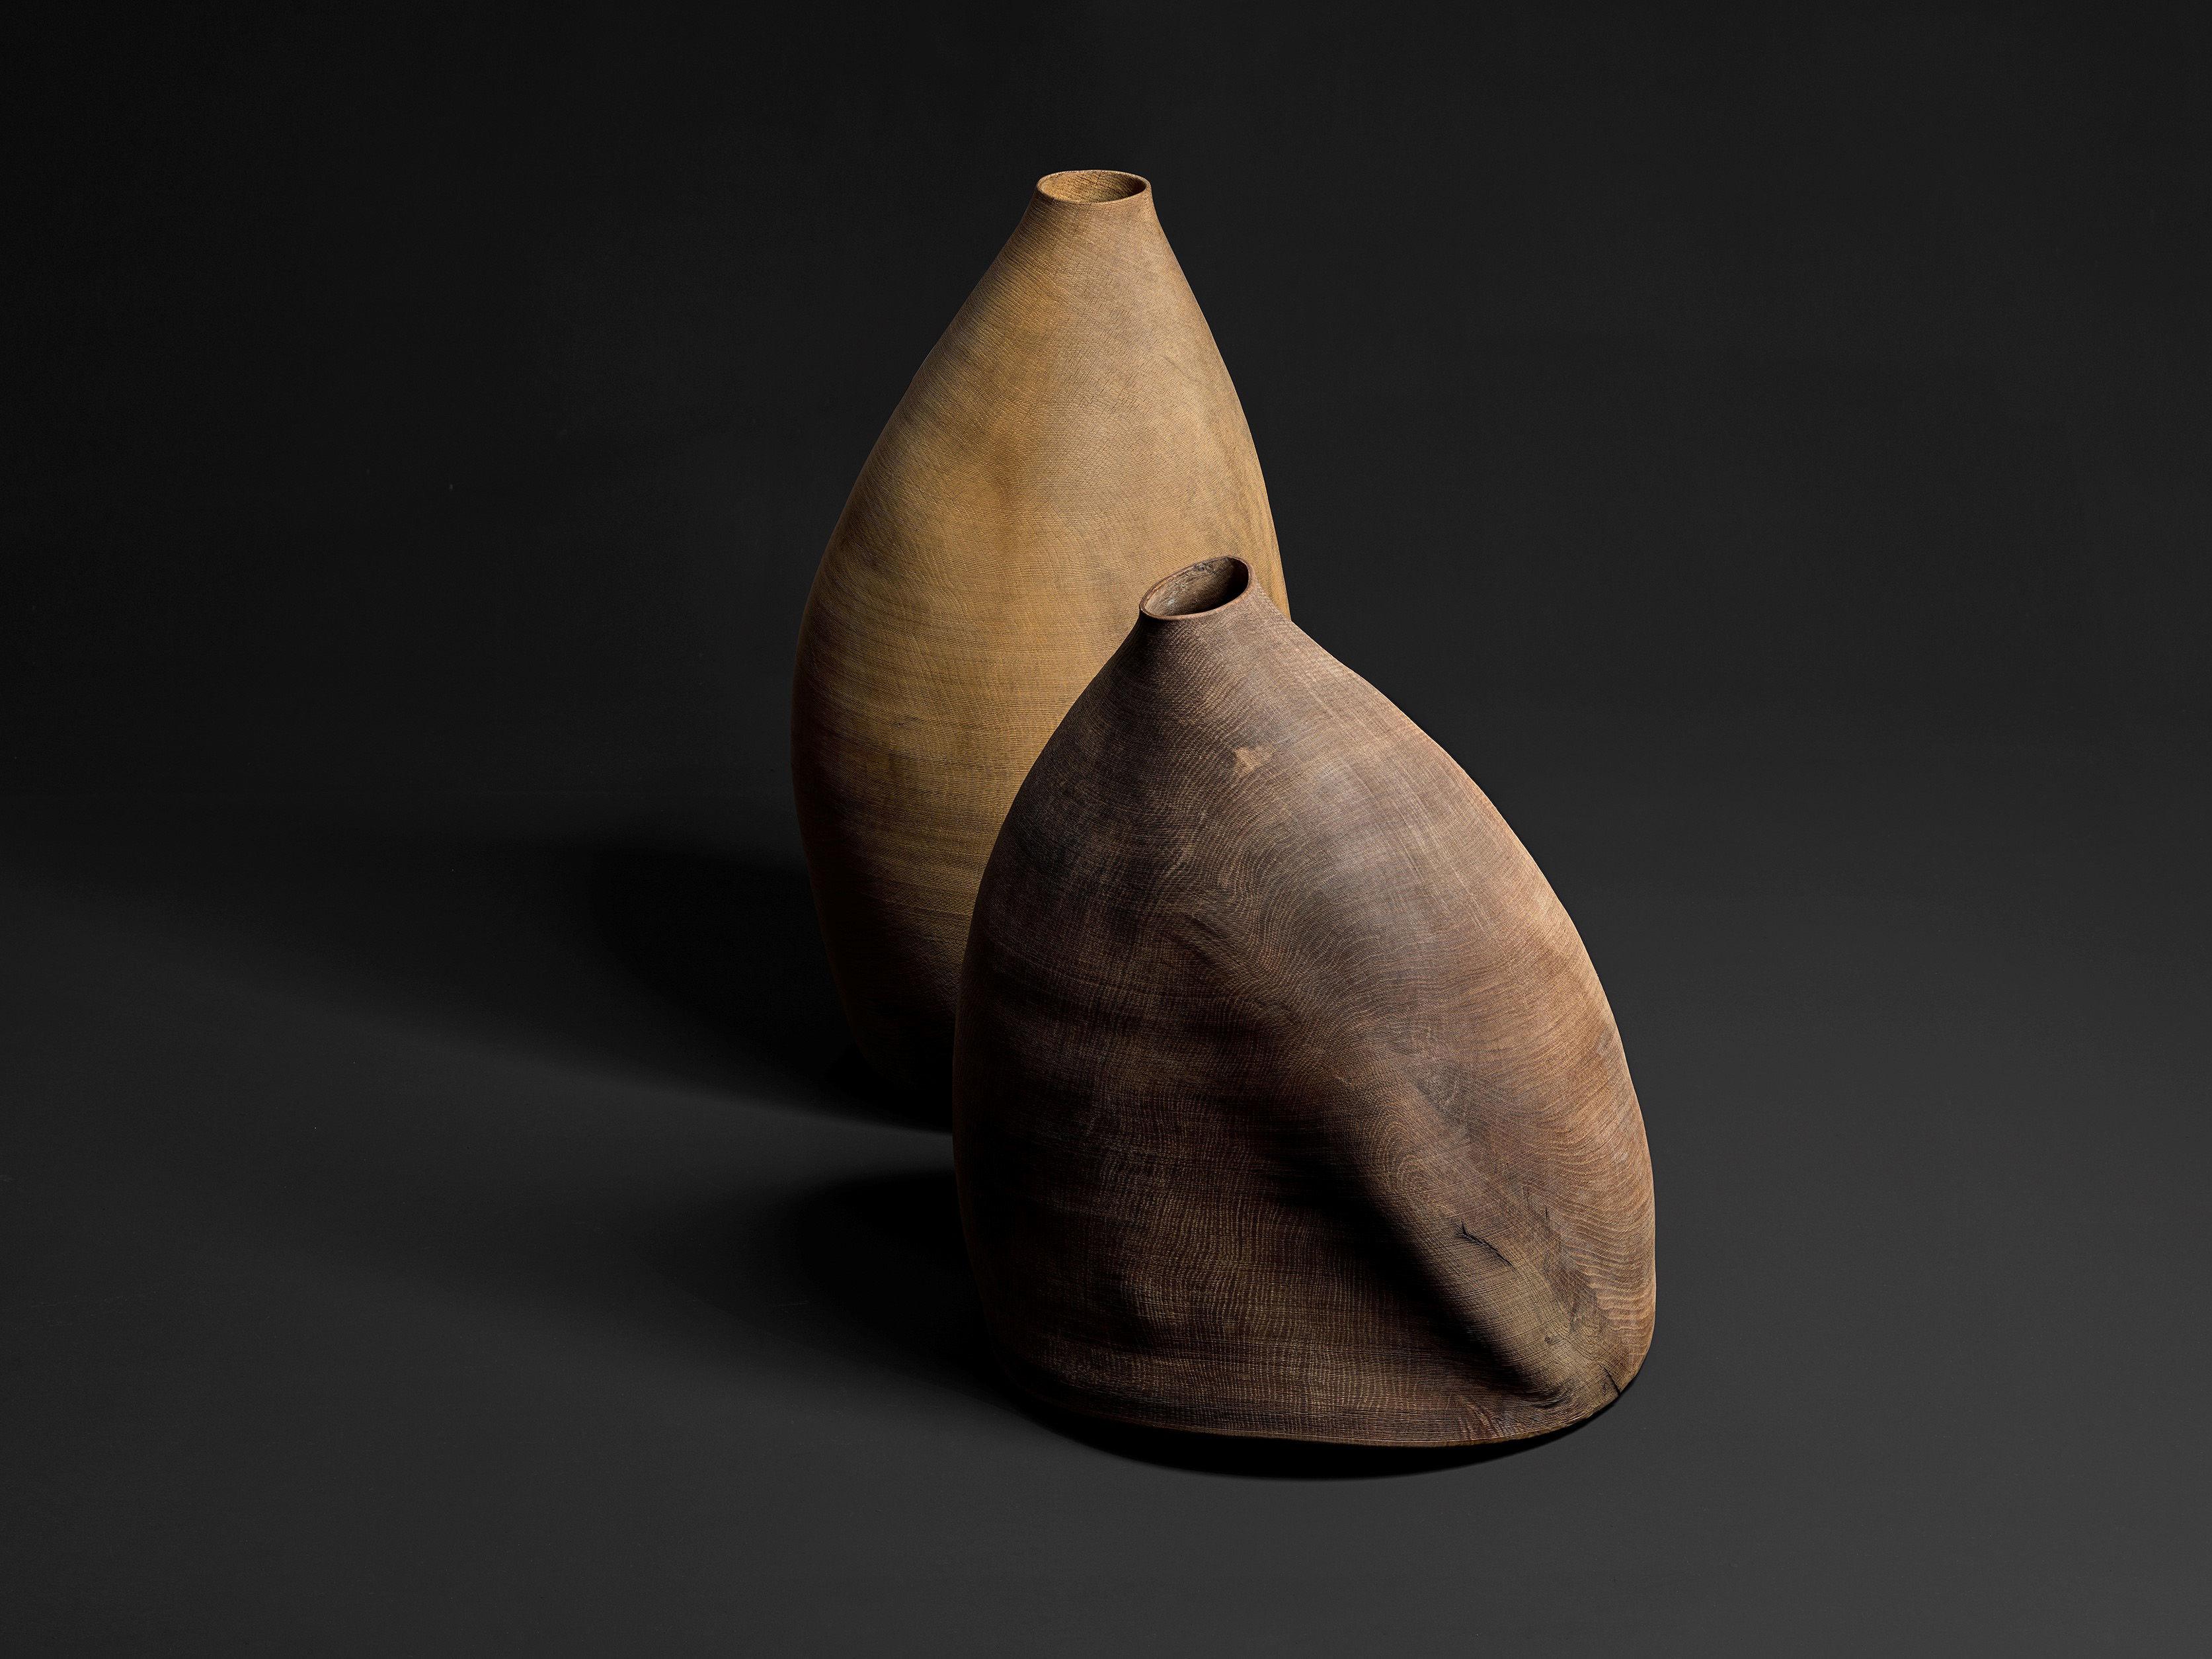 Ausstellungseröffnung: Ernst Gamperl − Dialog mit dem Holz